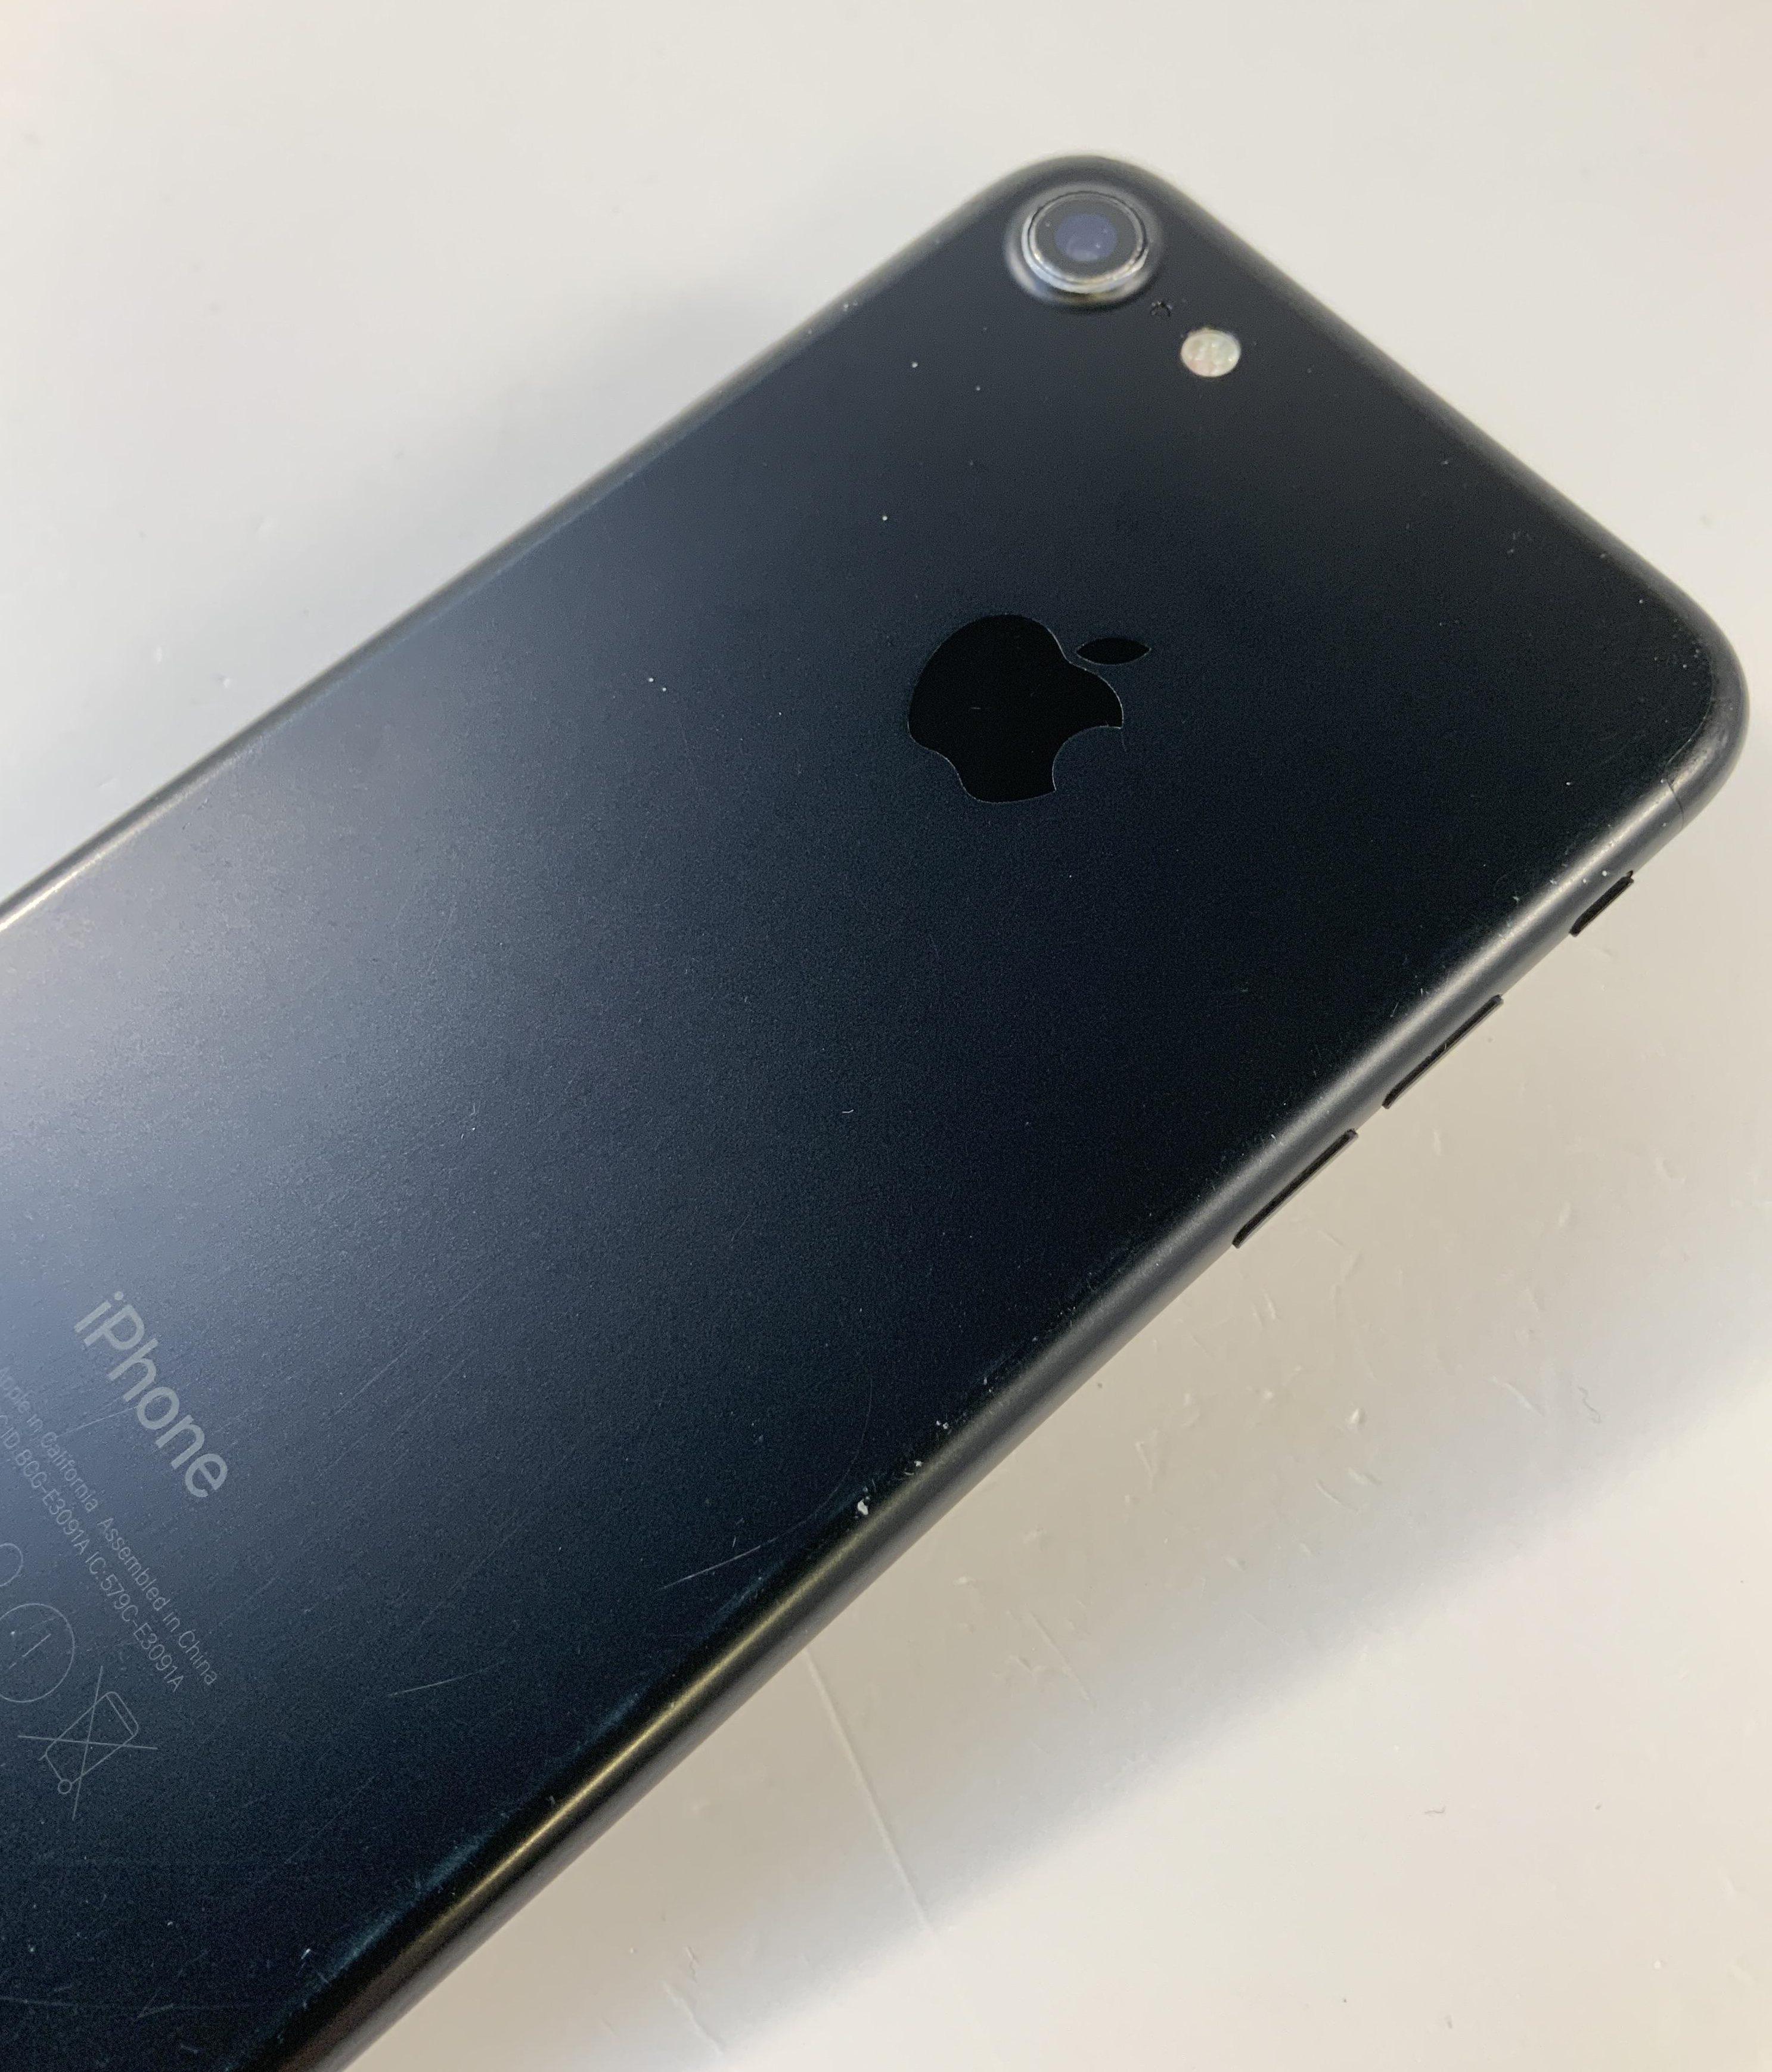 iPhone 7 32GB, 32GB, Black, imagen 4